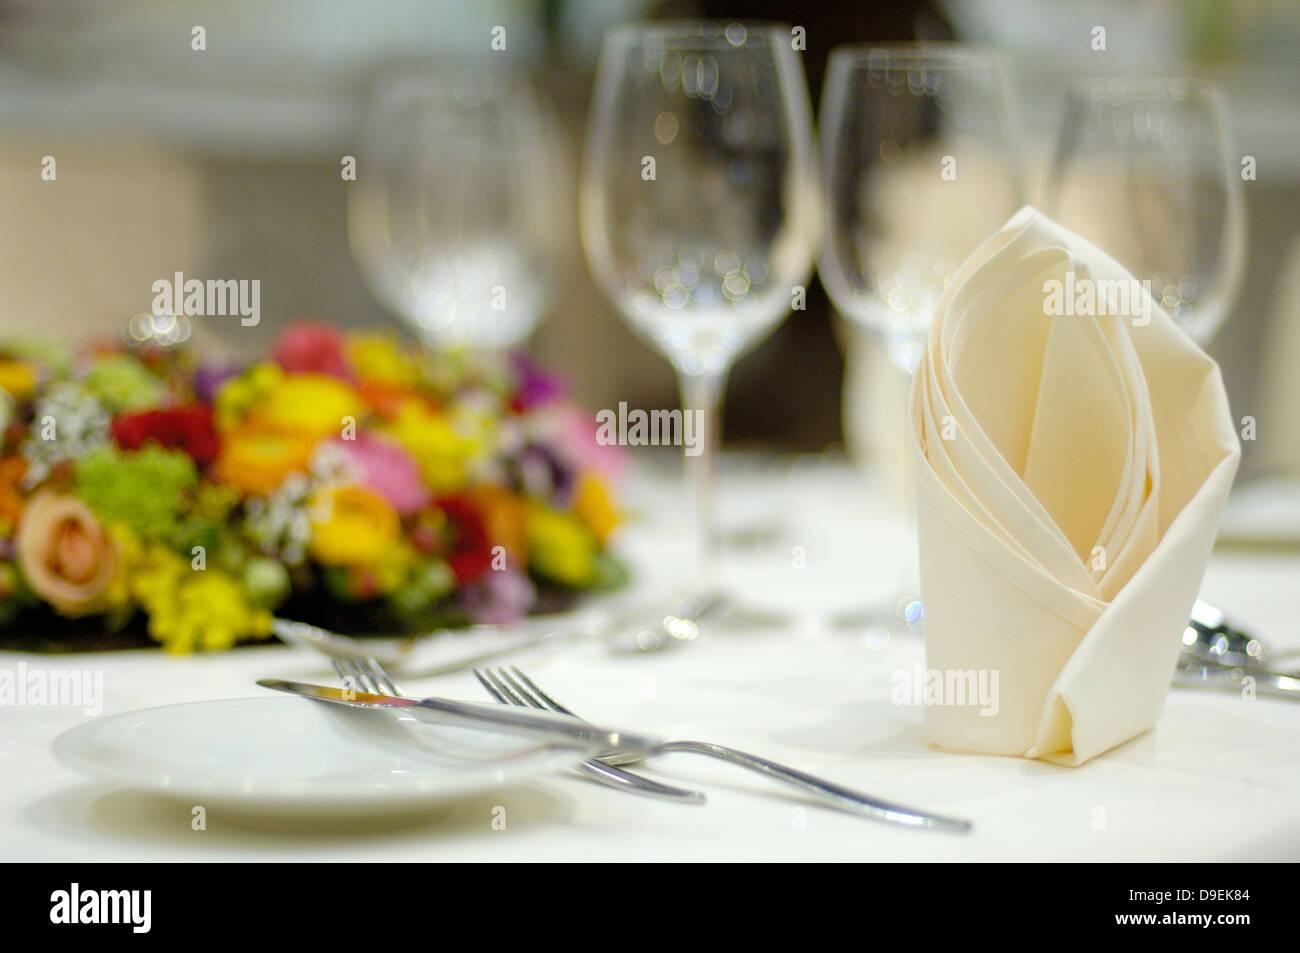 Ambiance ambiance bougies fête décoration fleurs couverts couverts couverts couverts de table Décoration Photo Stock